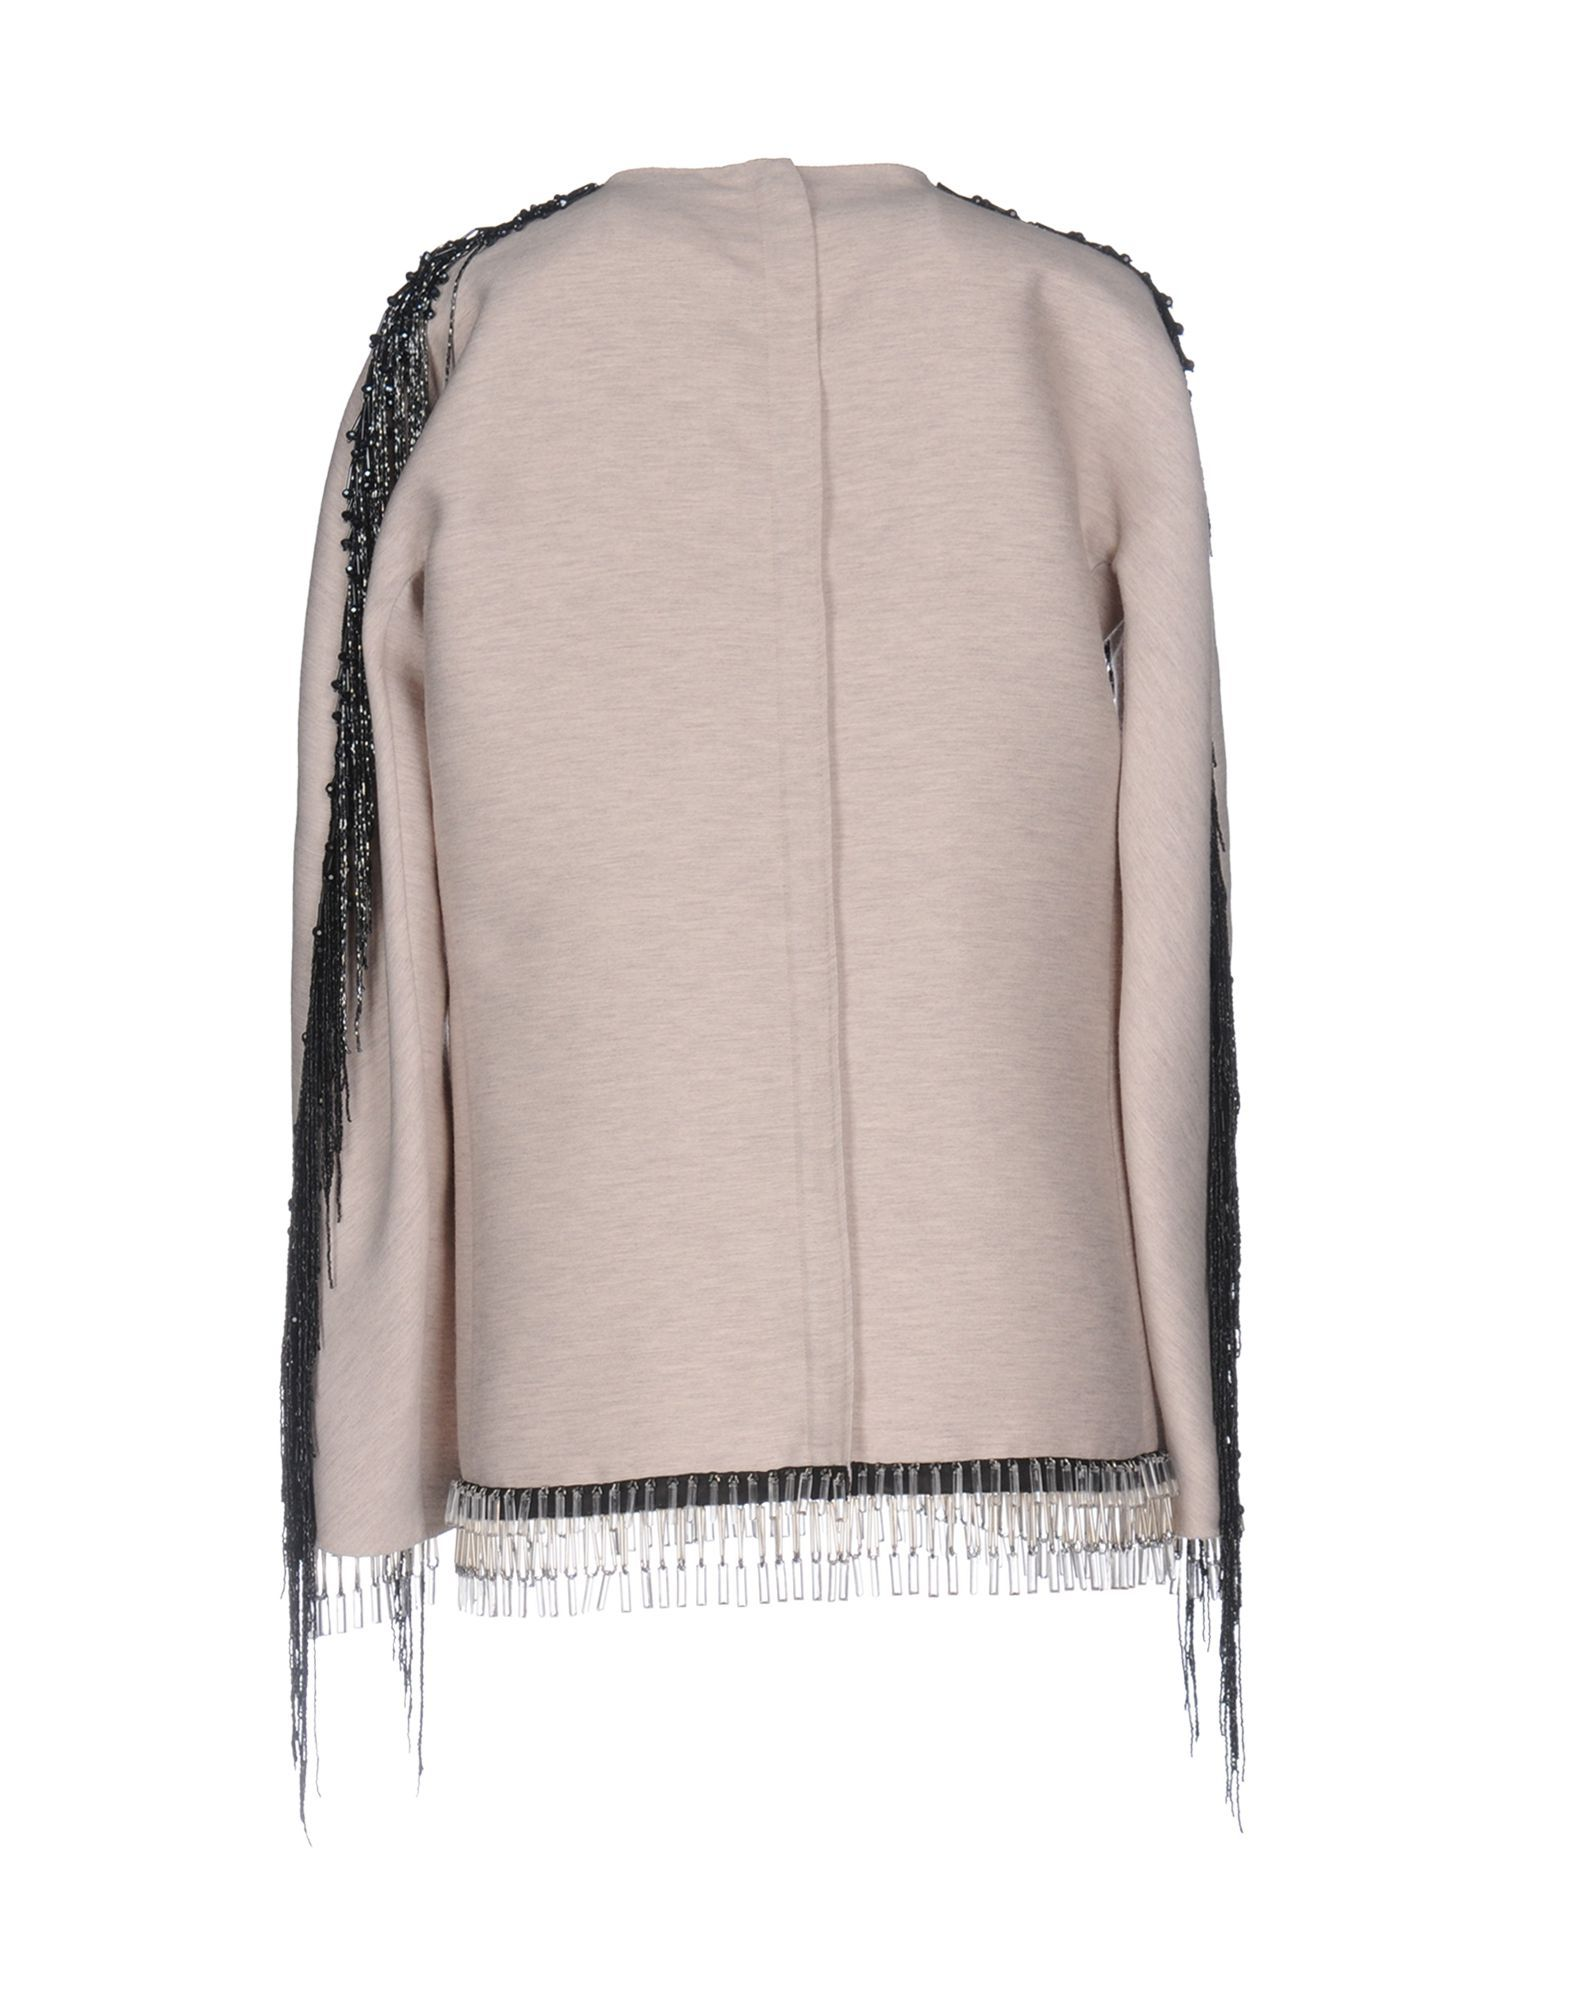 Lanvin Beige Wool Beaded Blouse